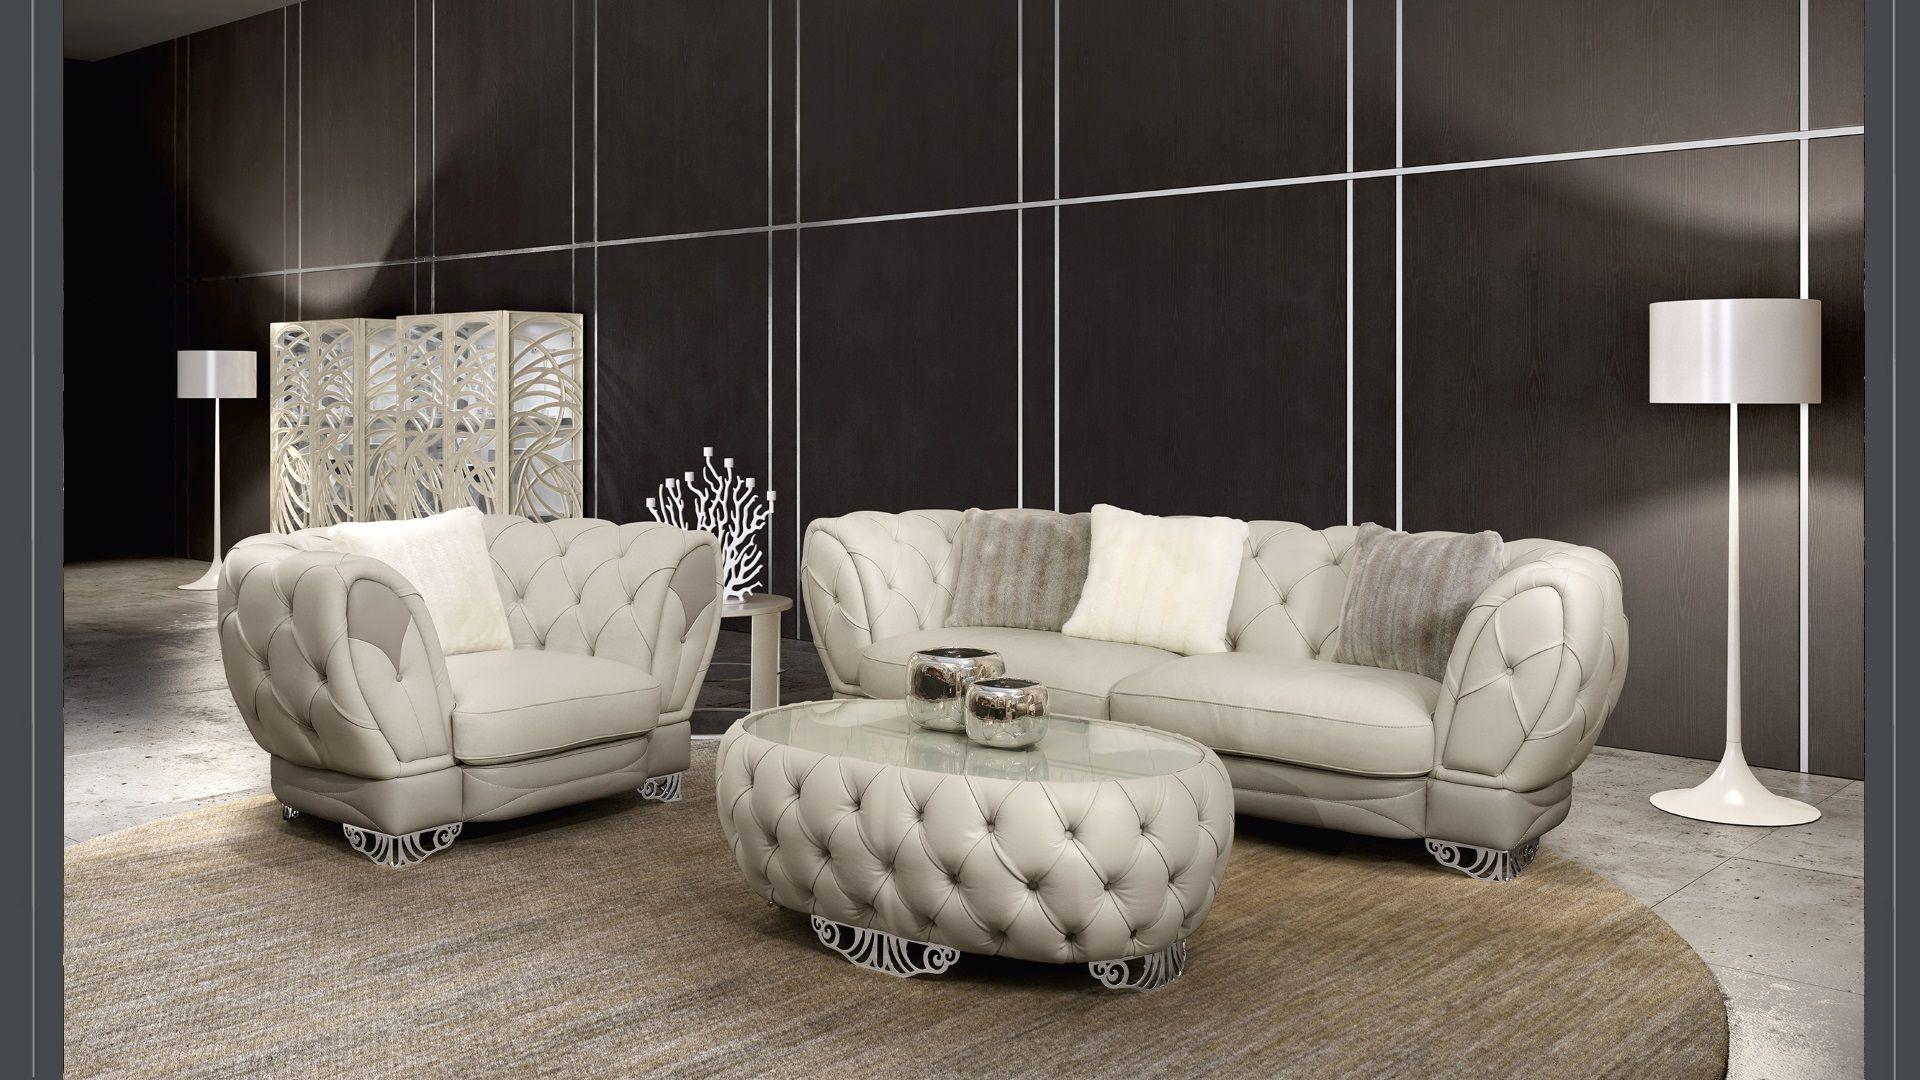 Divani in pelle moderni, divani moderni particolari